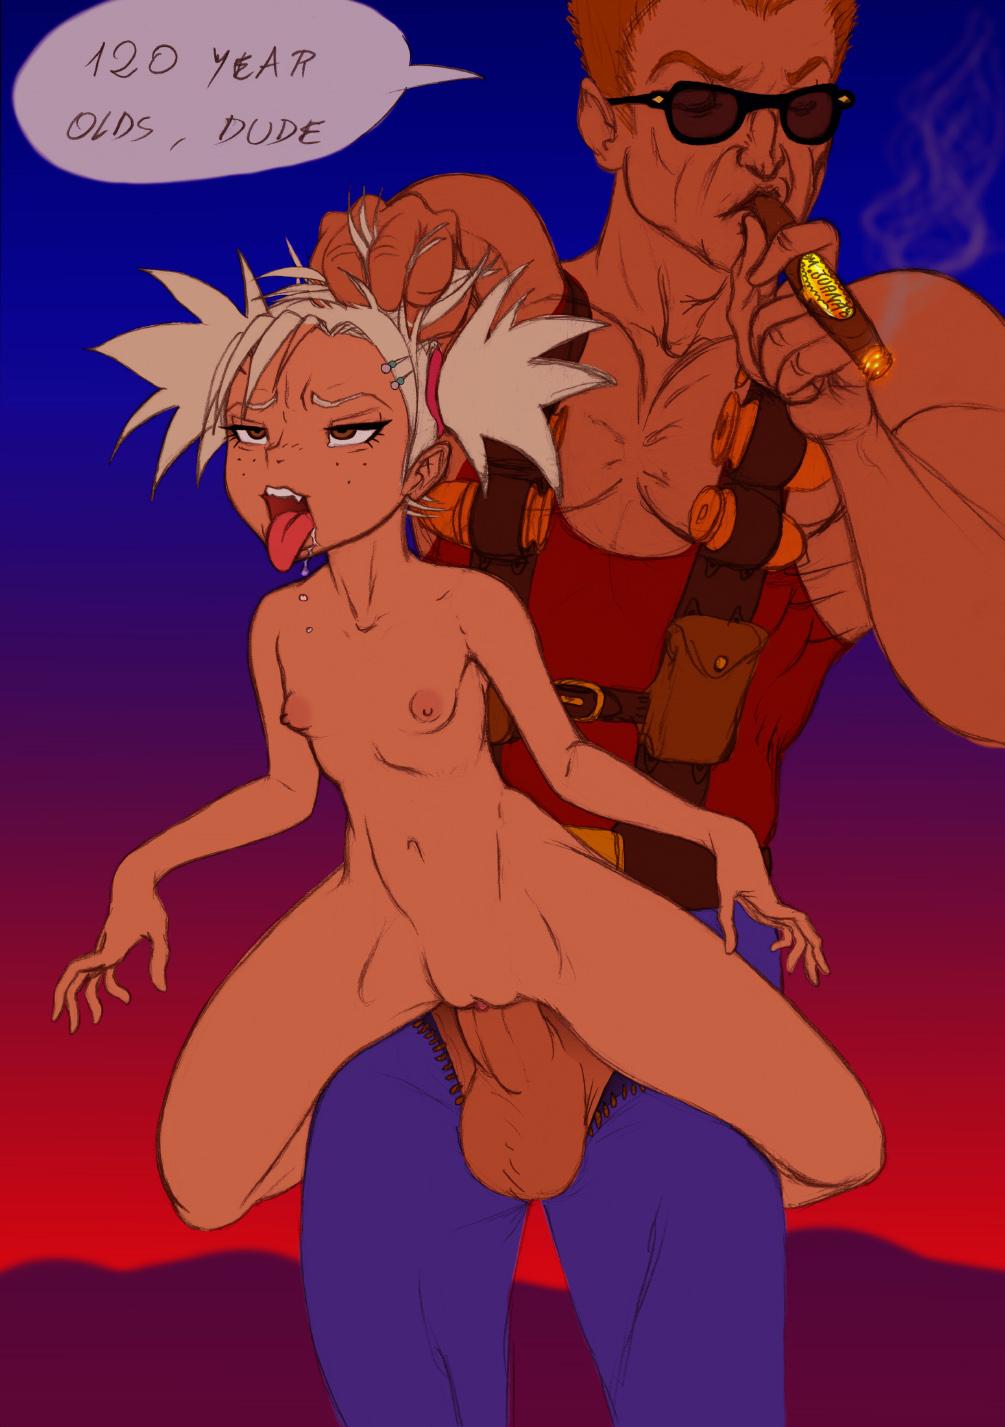 Cartoon porn duke nukem erotic picture